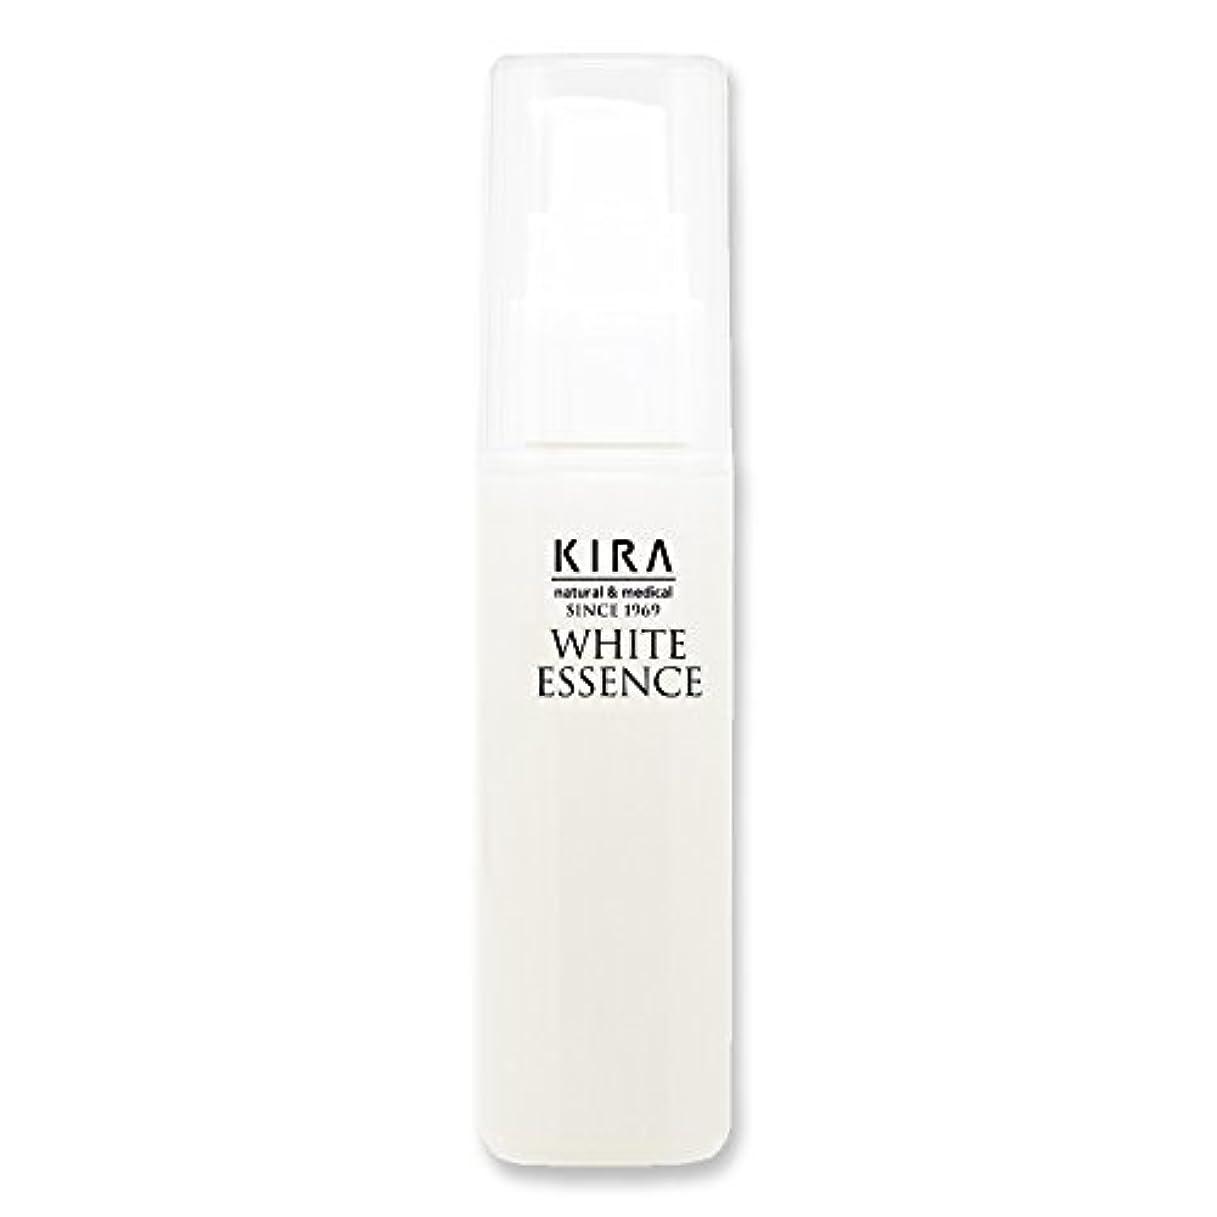 文明ビュッフェ水差し綺羅化粧品 ホワイトエッセンス (美容液)